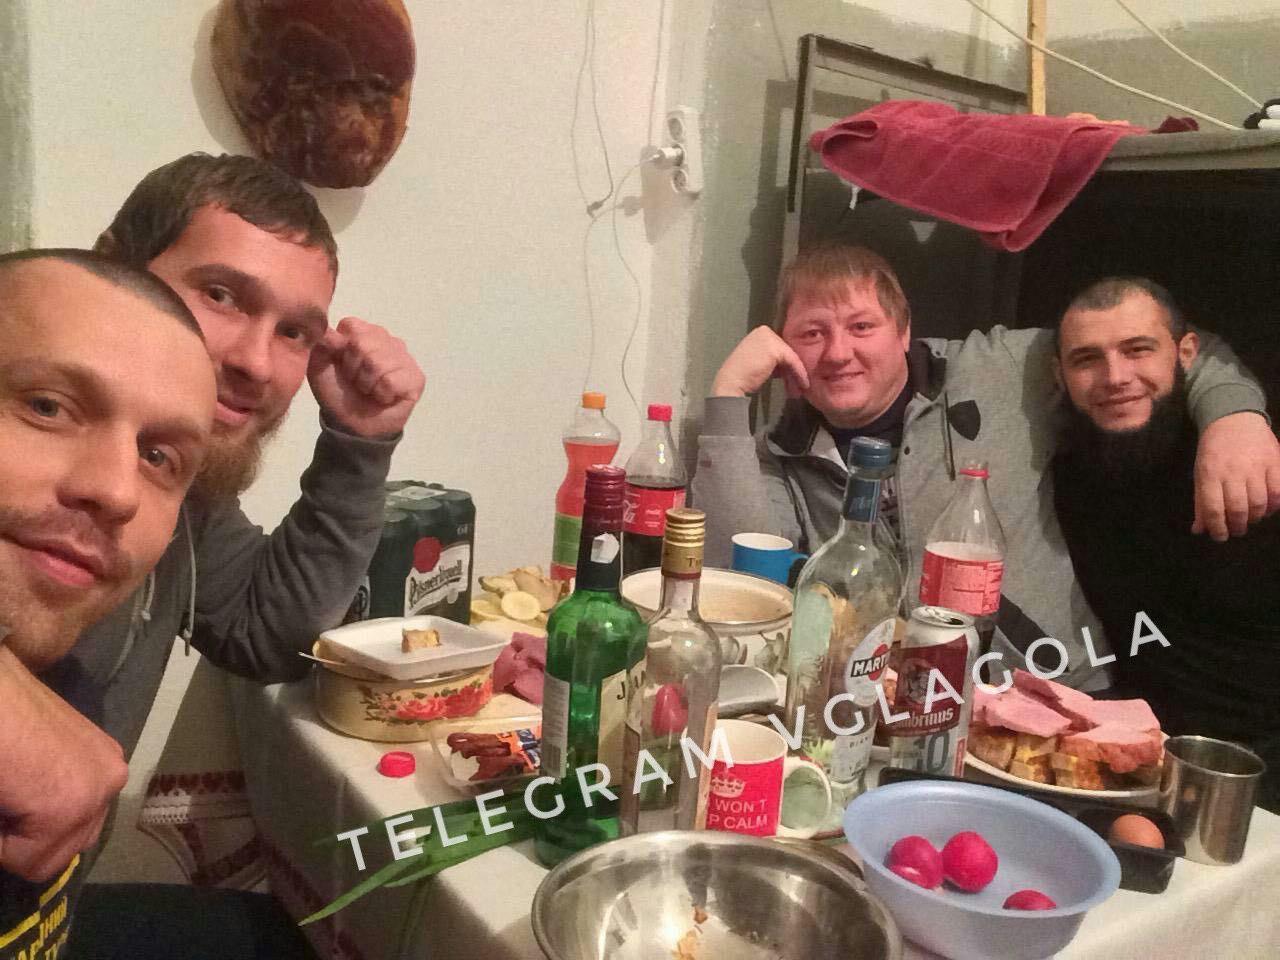 За словами журналіста, який отримав фото з камер, Ужгородське СІЗО - рай для затриманих.